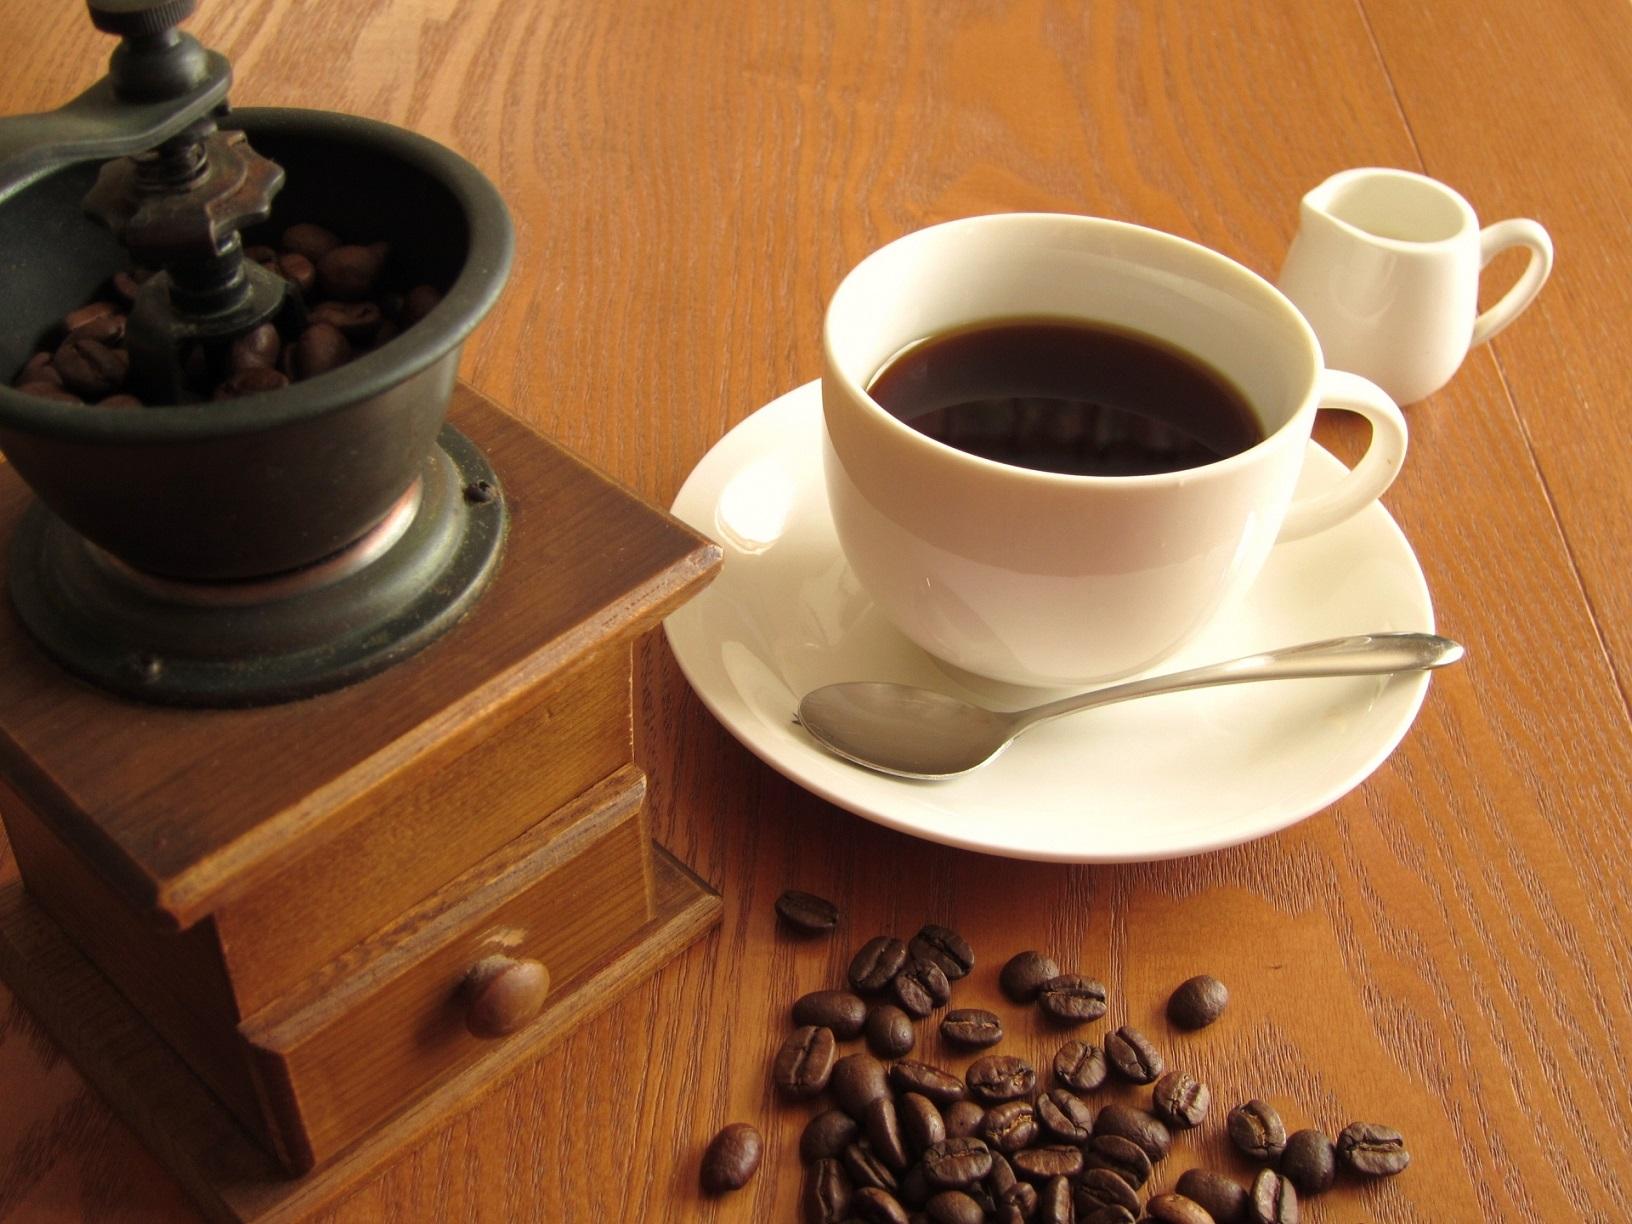 大宮の喫茶店・伯爵邸は24時間営業!モーニングもカフェもできる!